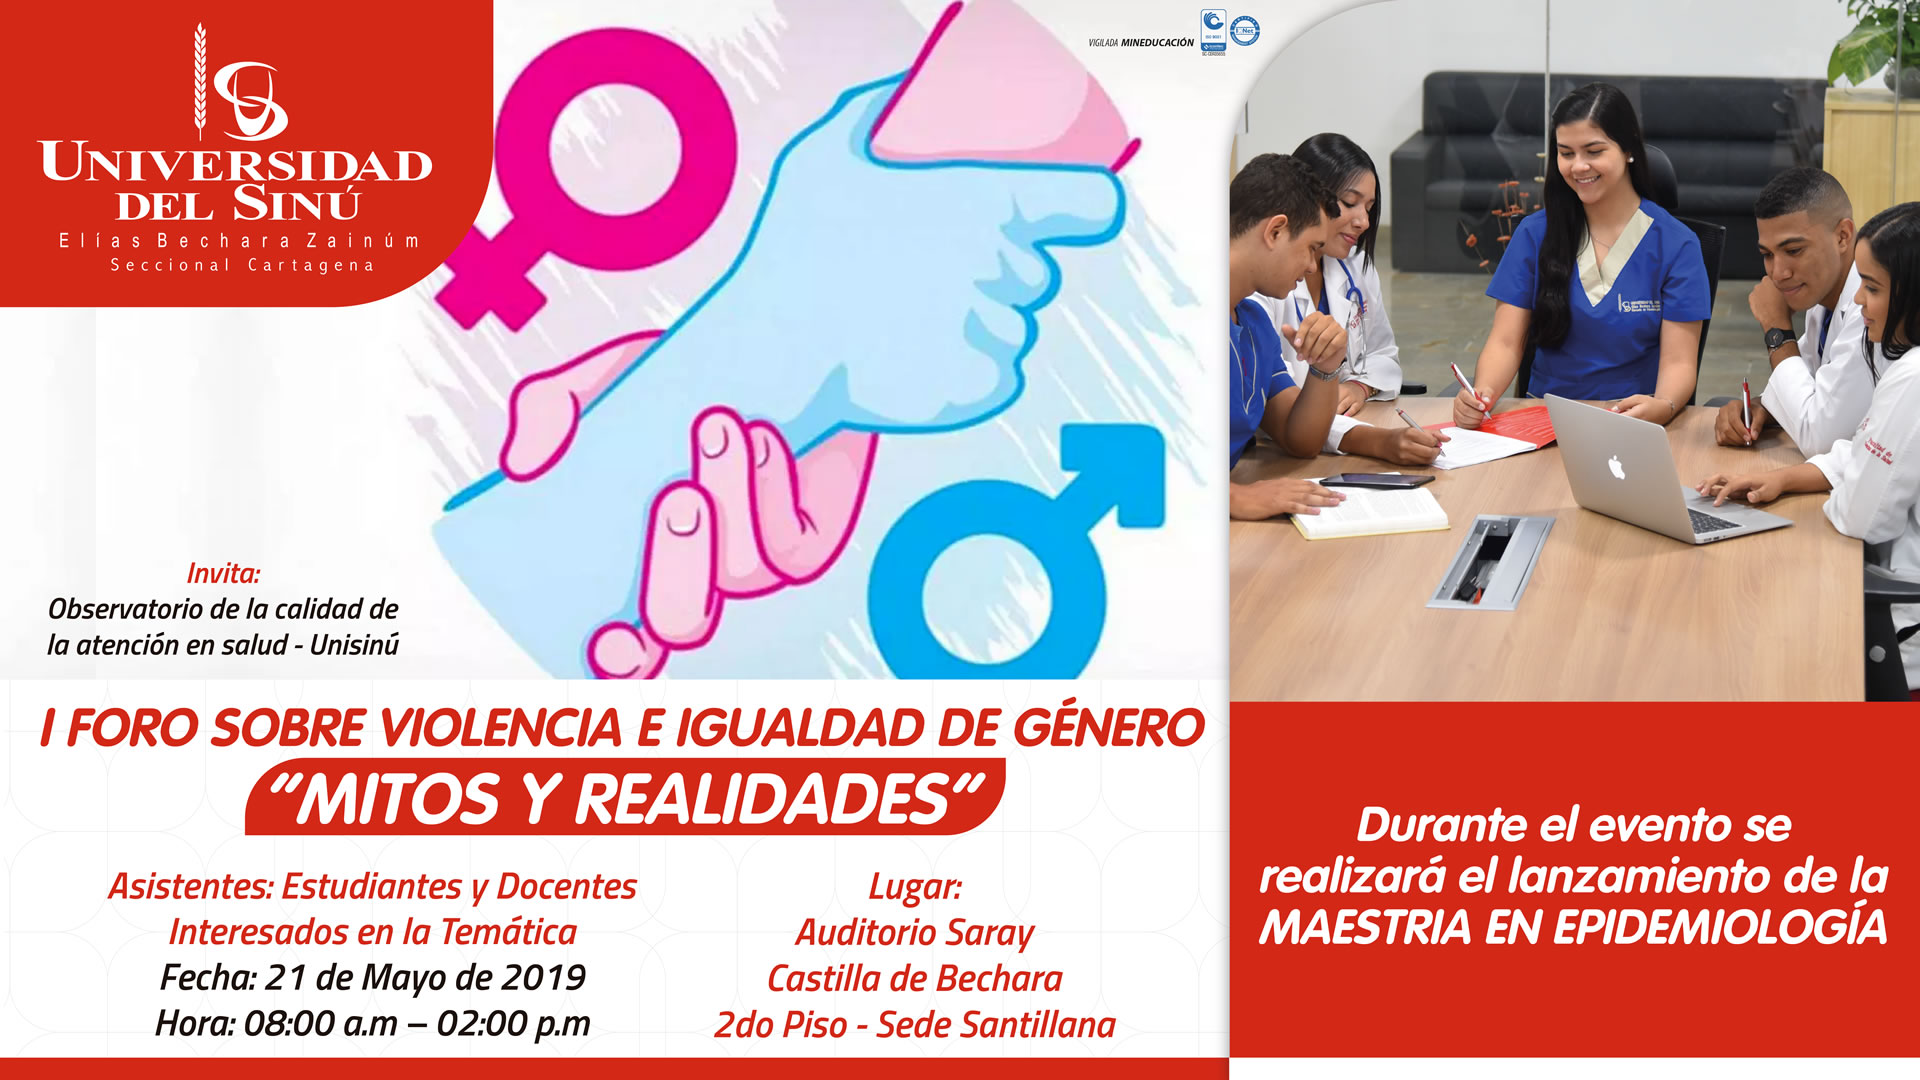 I FORO SOBRE VIOLENCIA E IGUALDAD DE GENERO MITOS Y REALIDADES